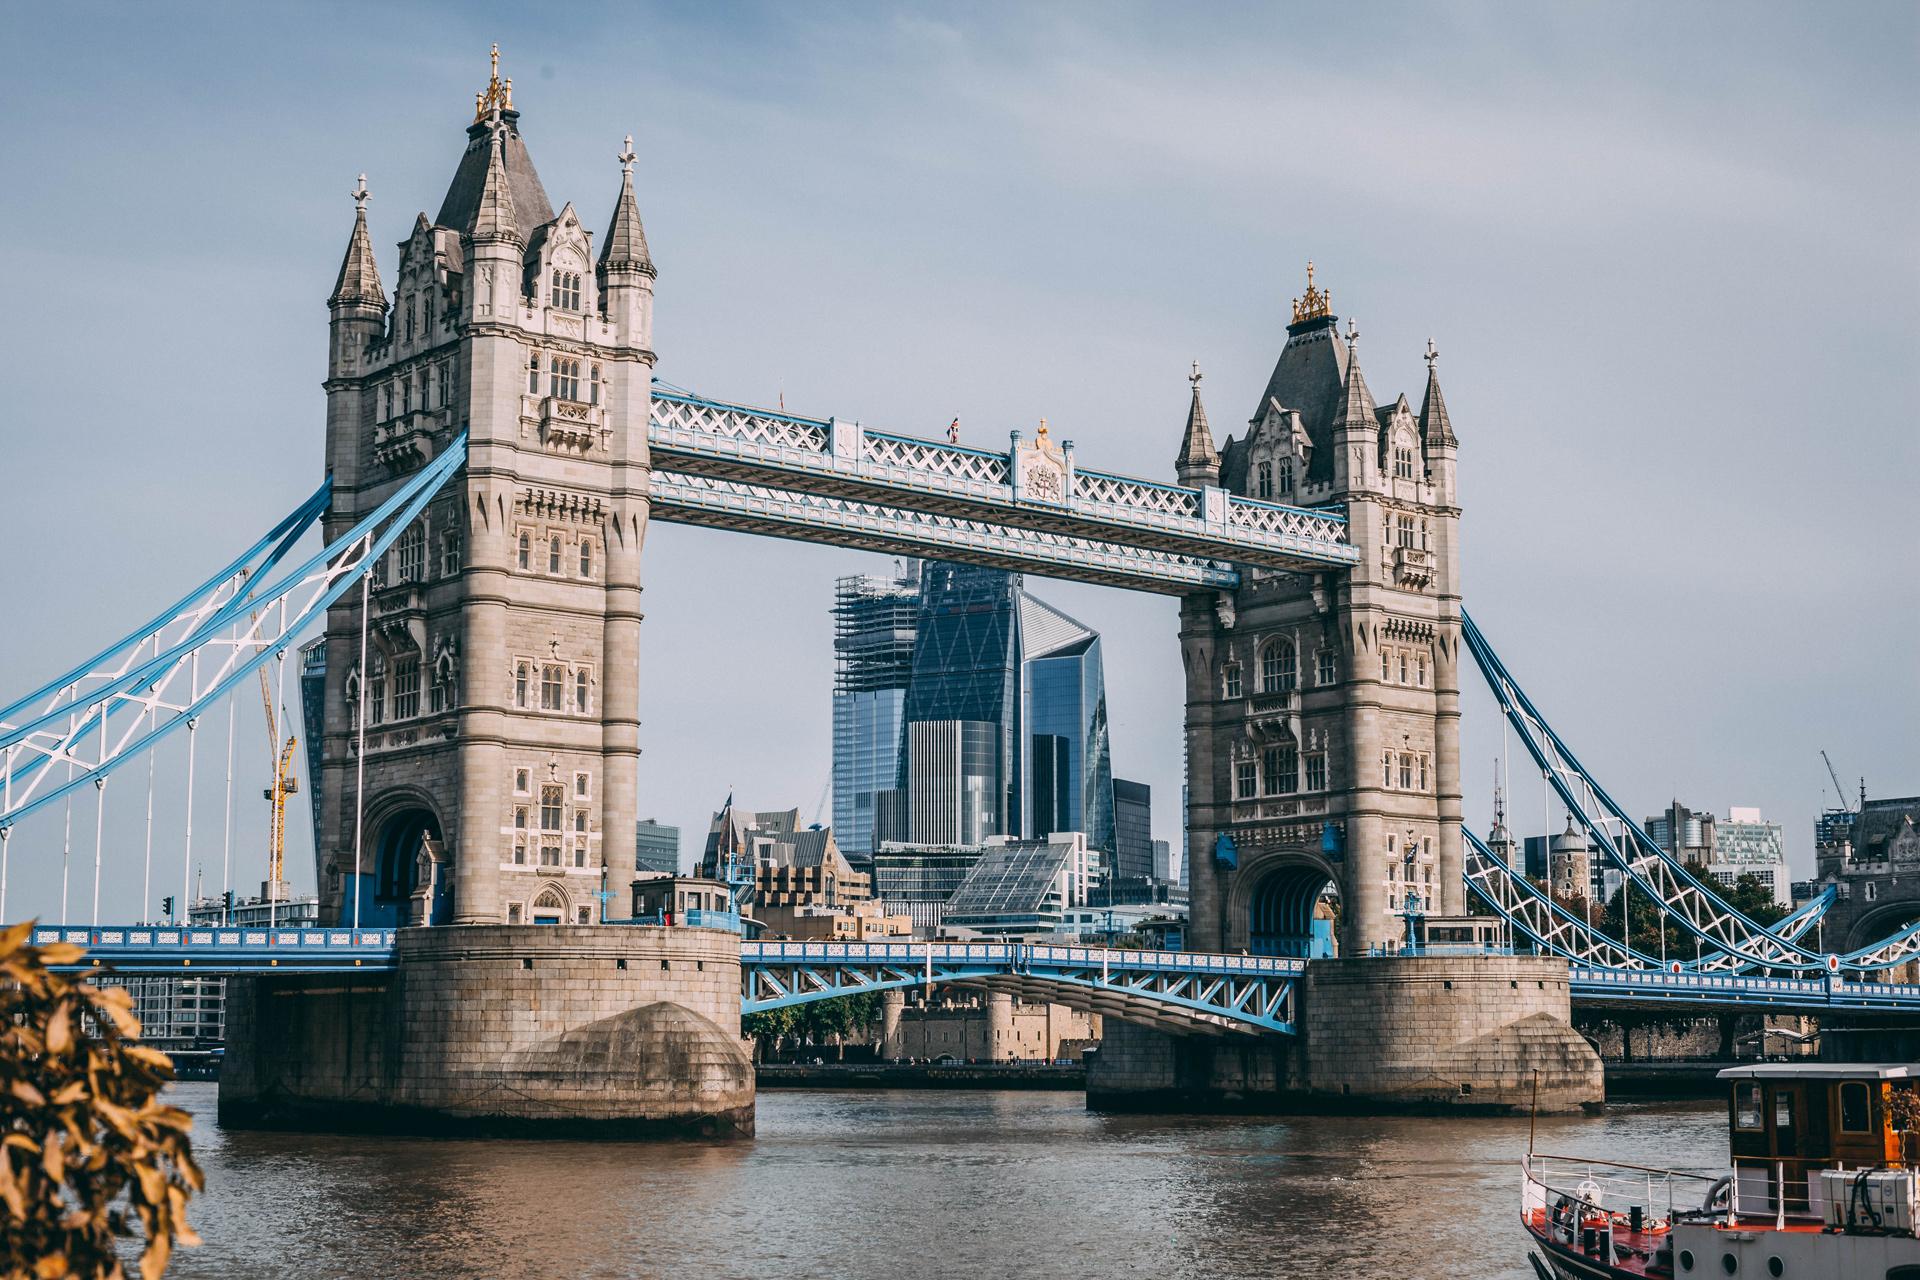 ¿Qué Souvenirs traer de Londres?